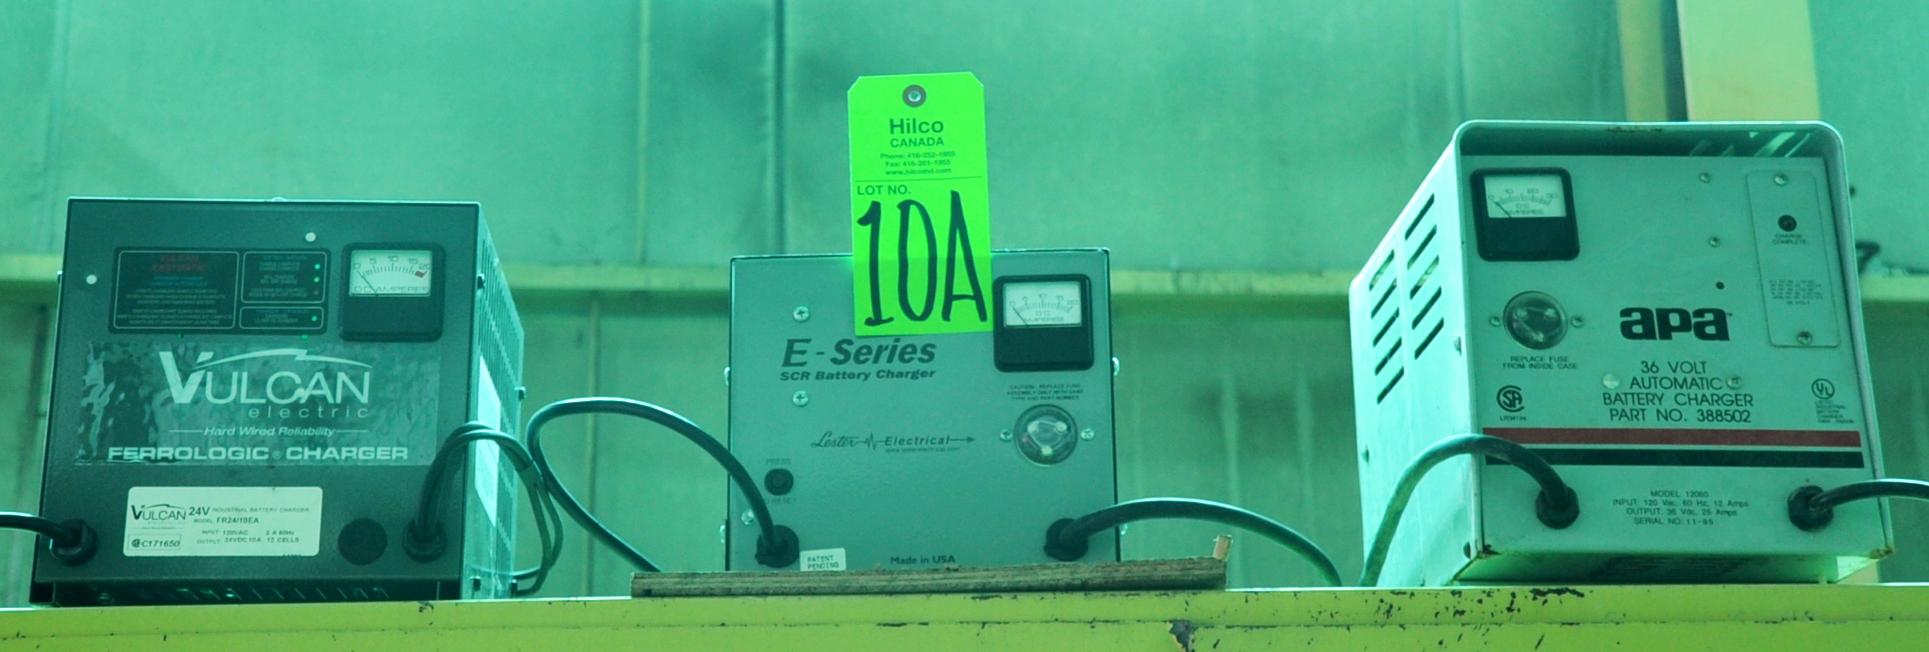 Lot 10A - Asst. Vulcan, E Series 24, 36V Chargers